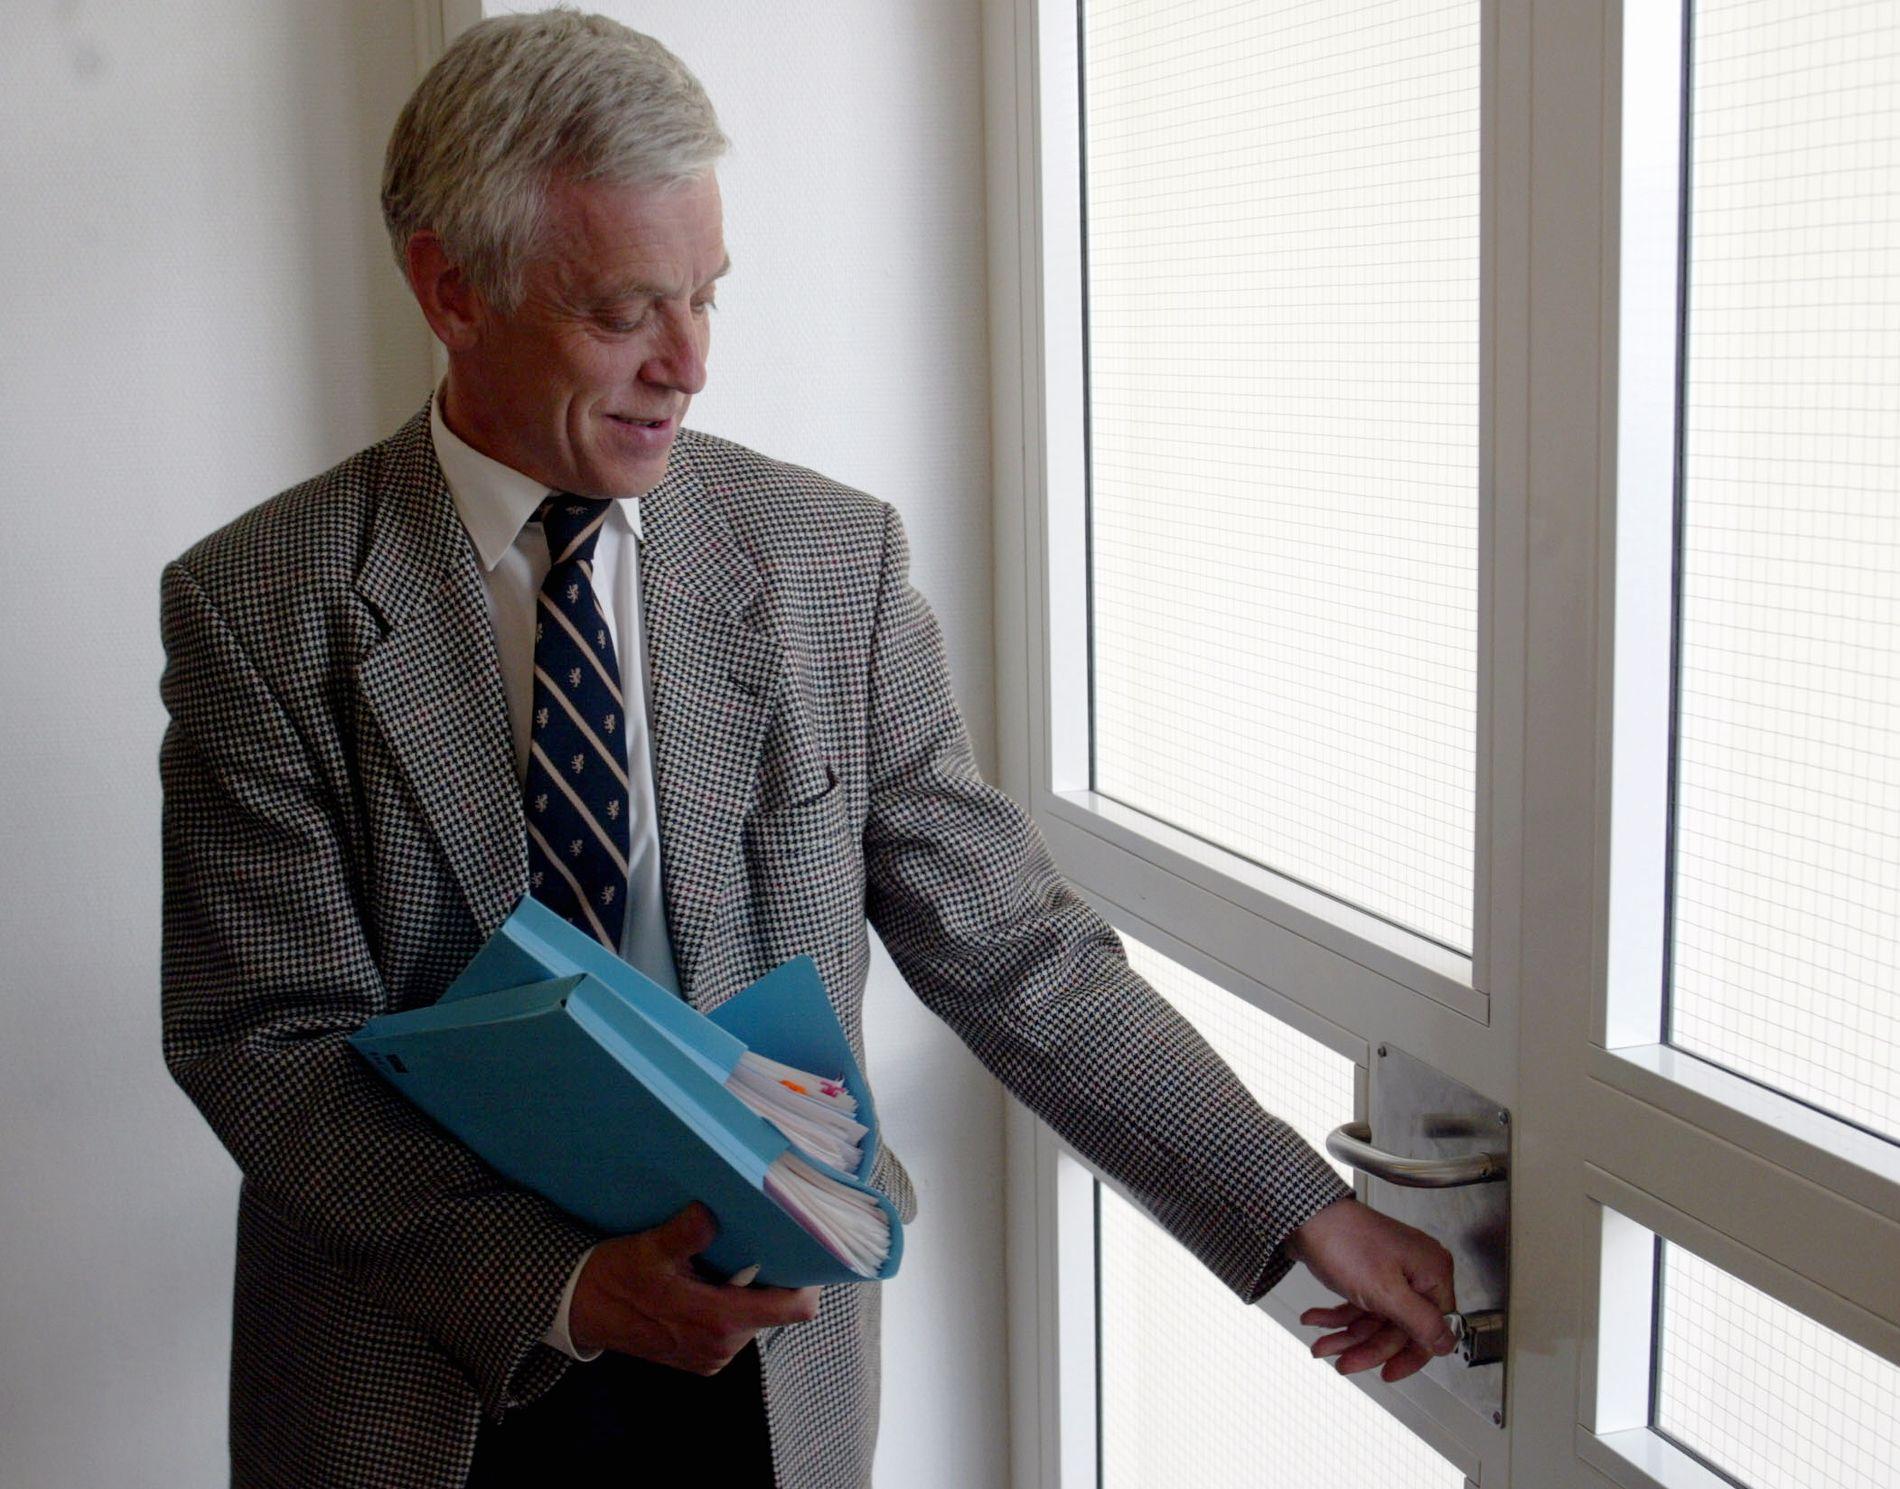 HANDLET AKSJER: Lagdommer Mats Stensrud har i mange år jobbet som kretsmekler hos Riksmekleren i tillegg til dommerjobben i Frostating lagmannsrett. Detter bildet er tatt i 2002 i forbindelse med en hotellstreik.